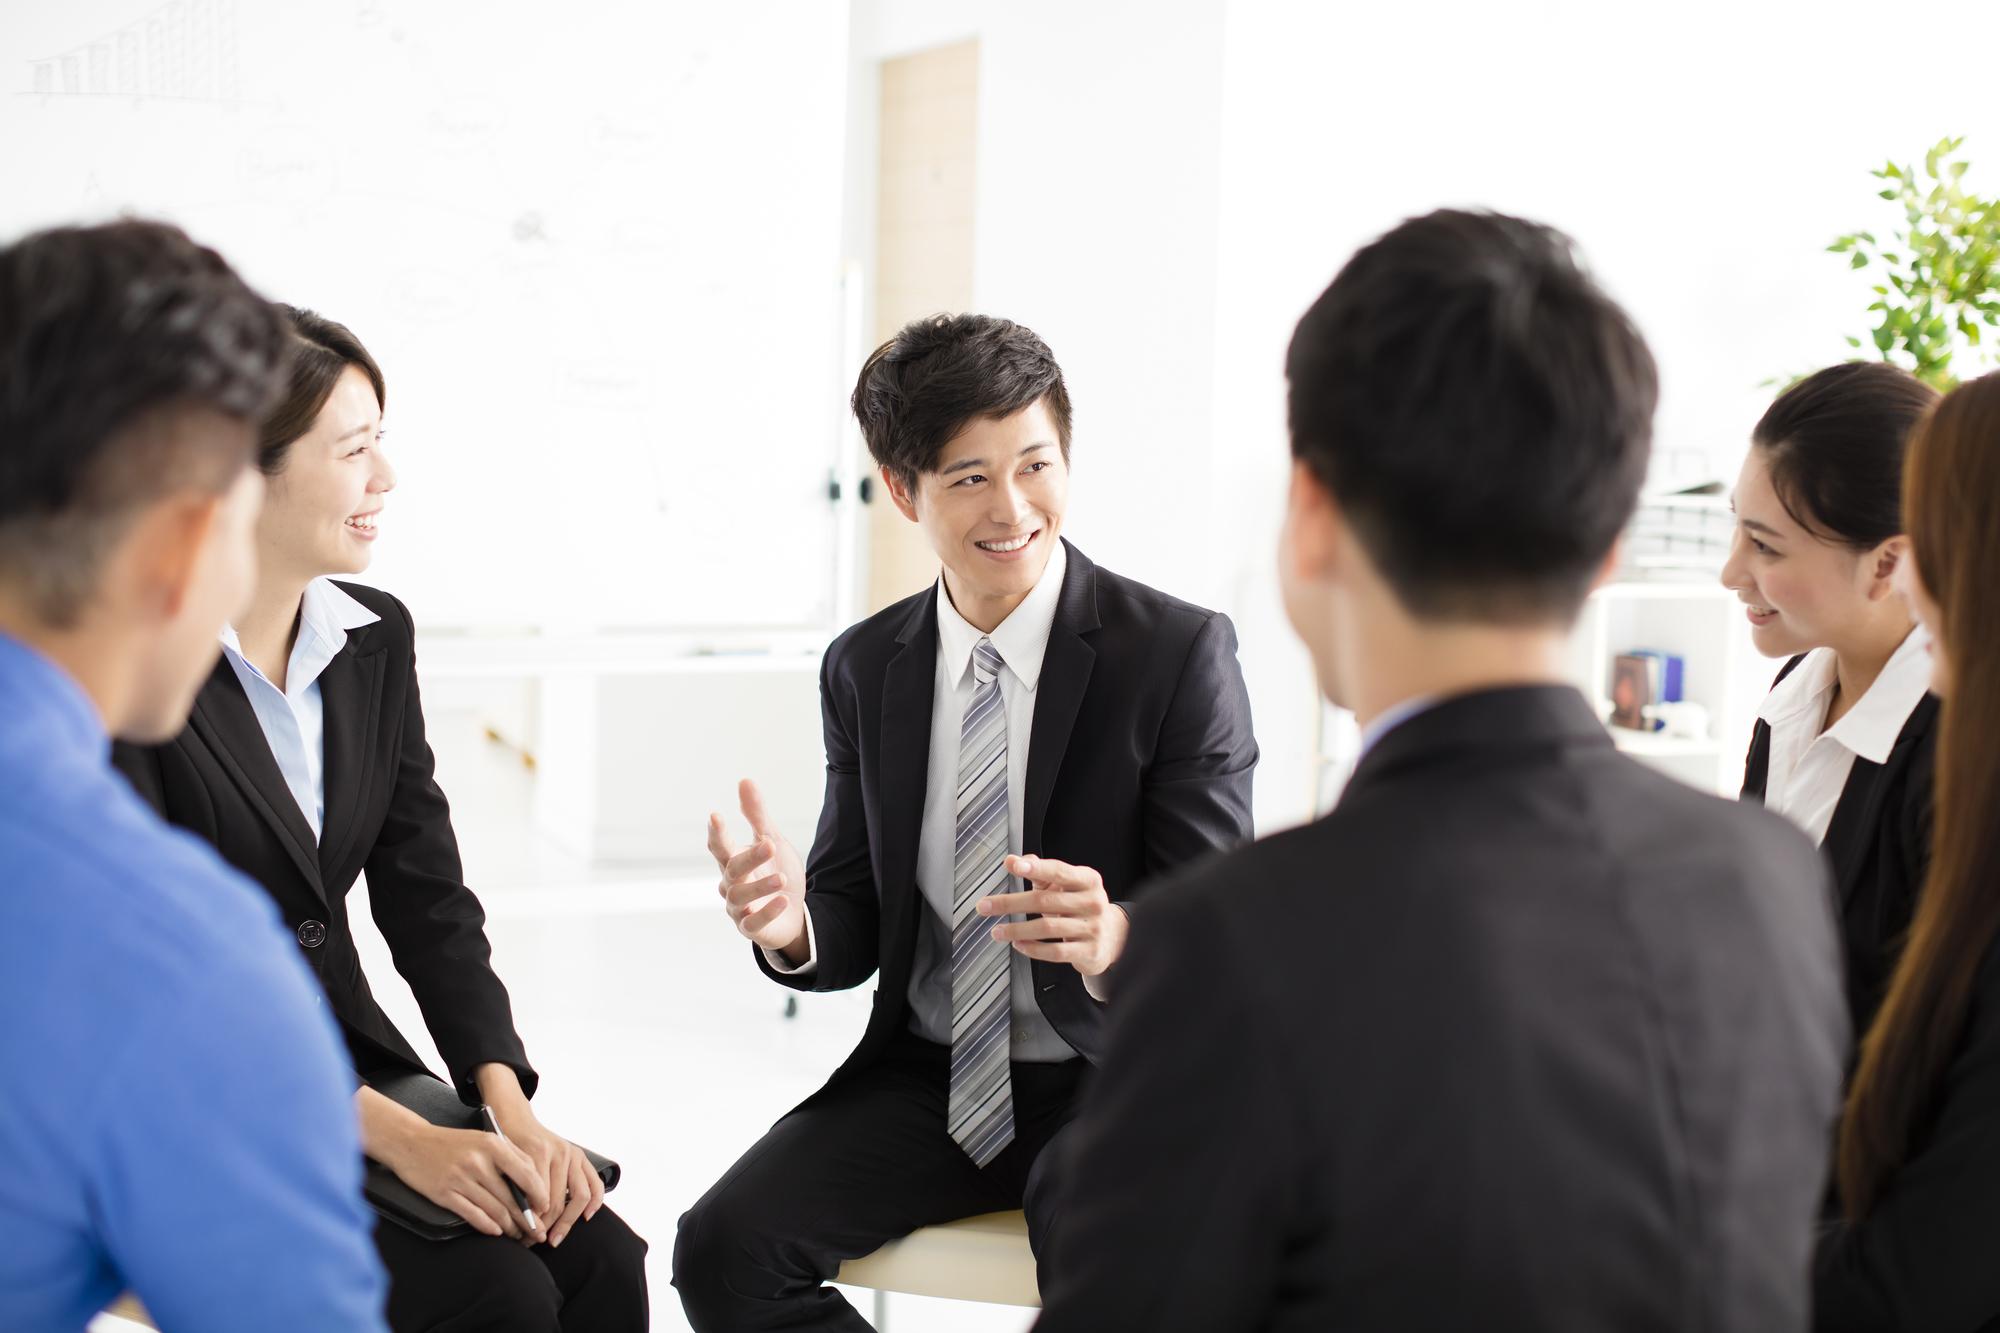 前の記事: 【例文あり】自己PRでコミュニケーション能力を伝えるときのポ